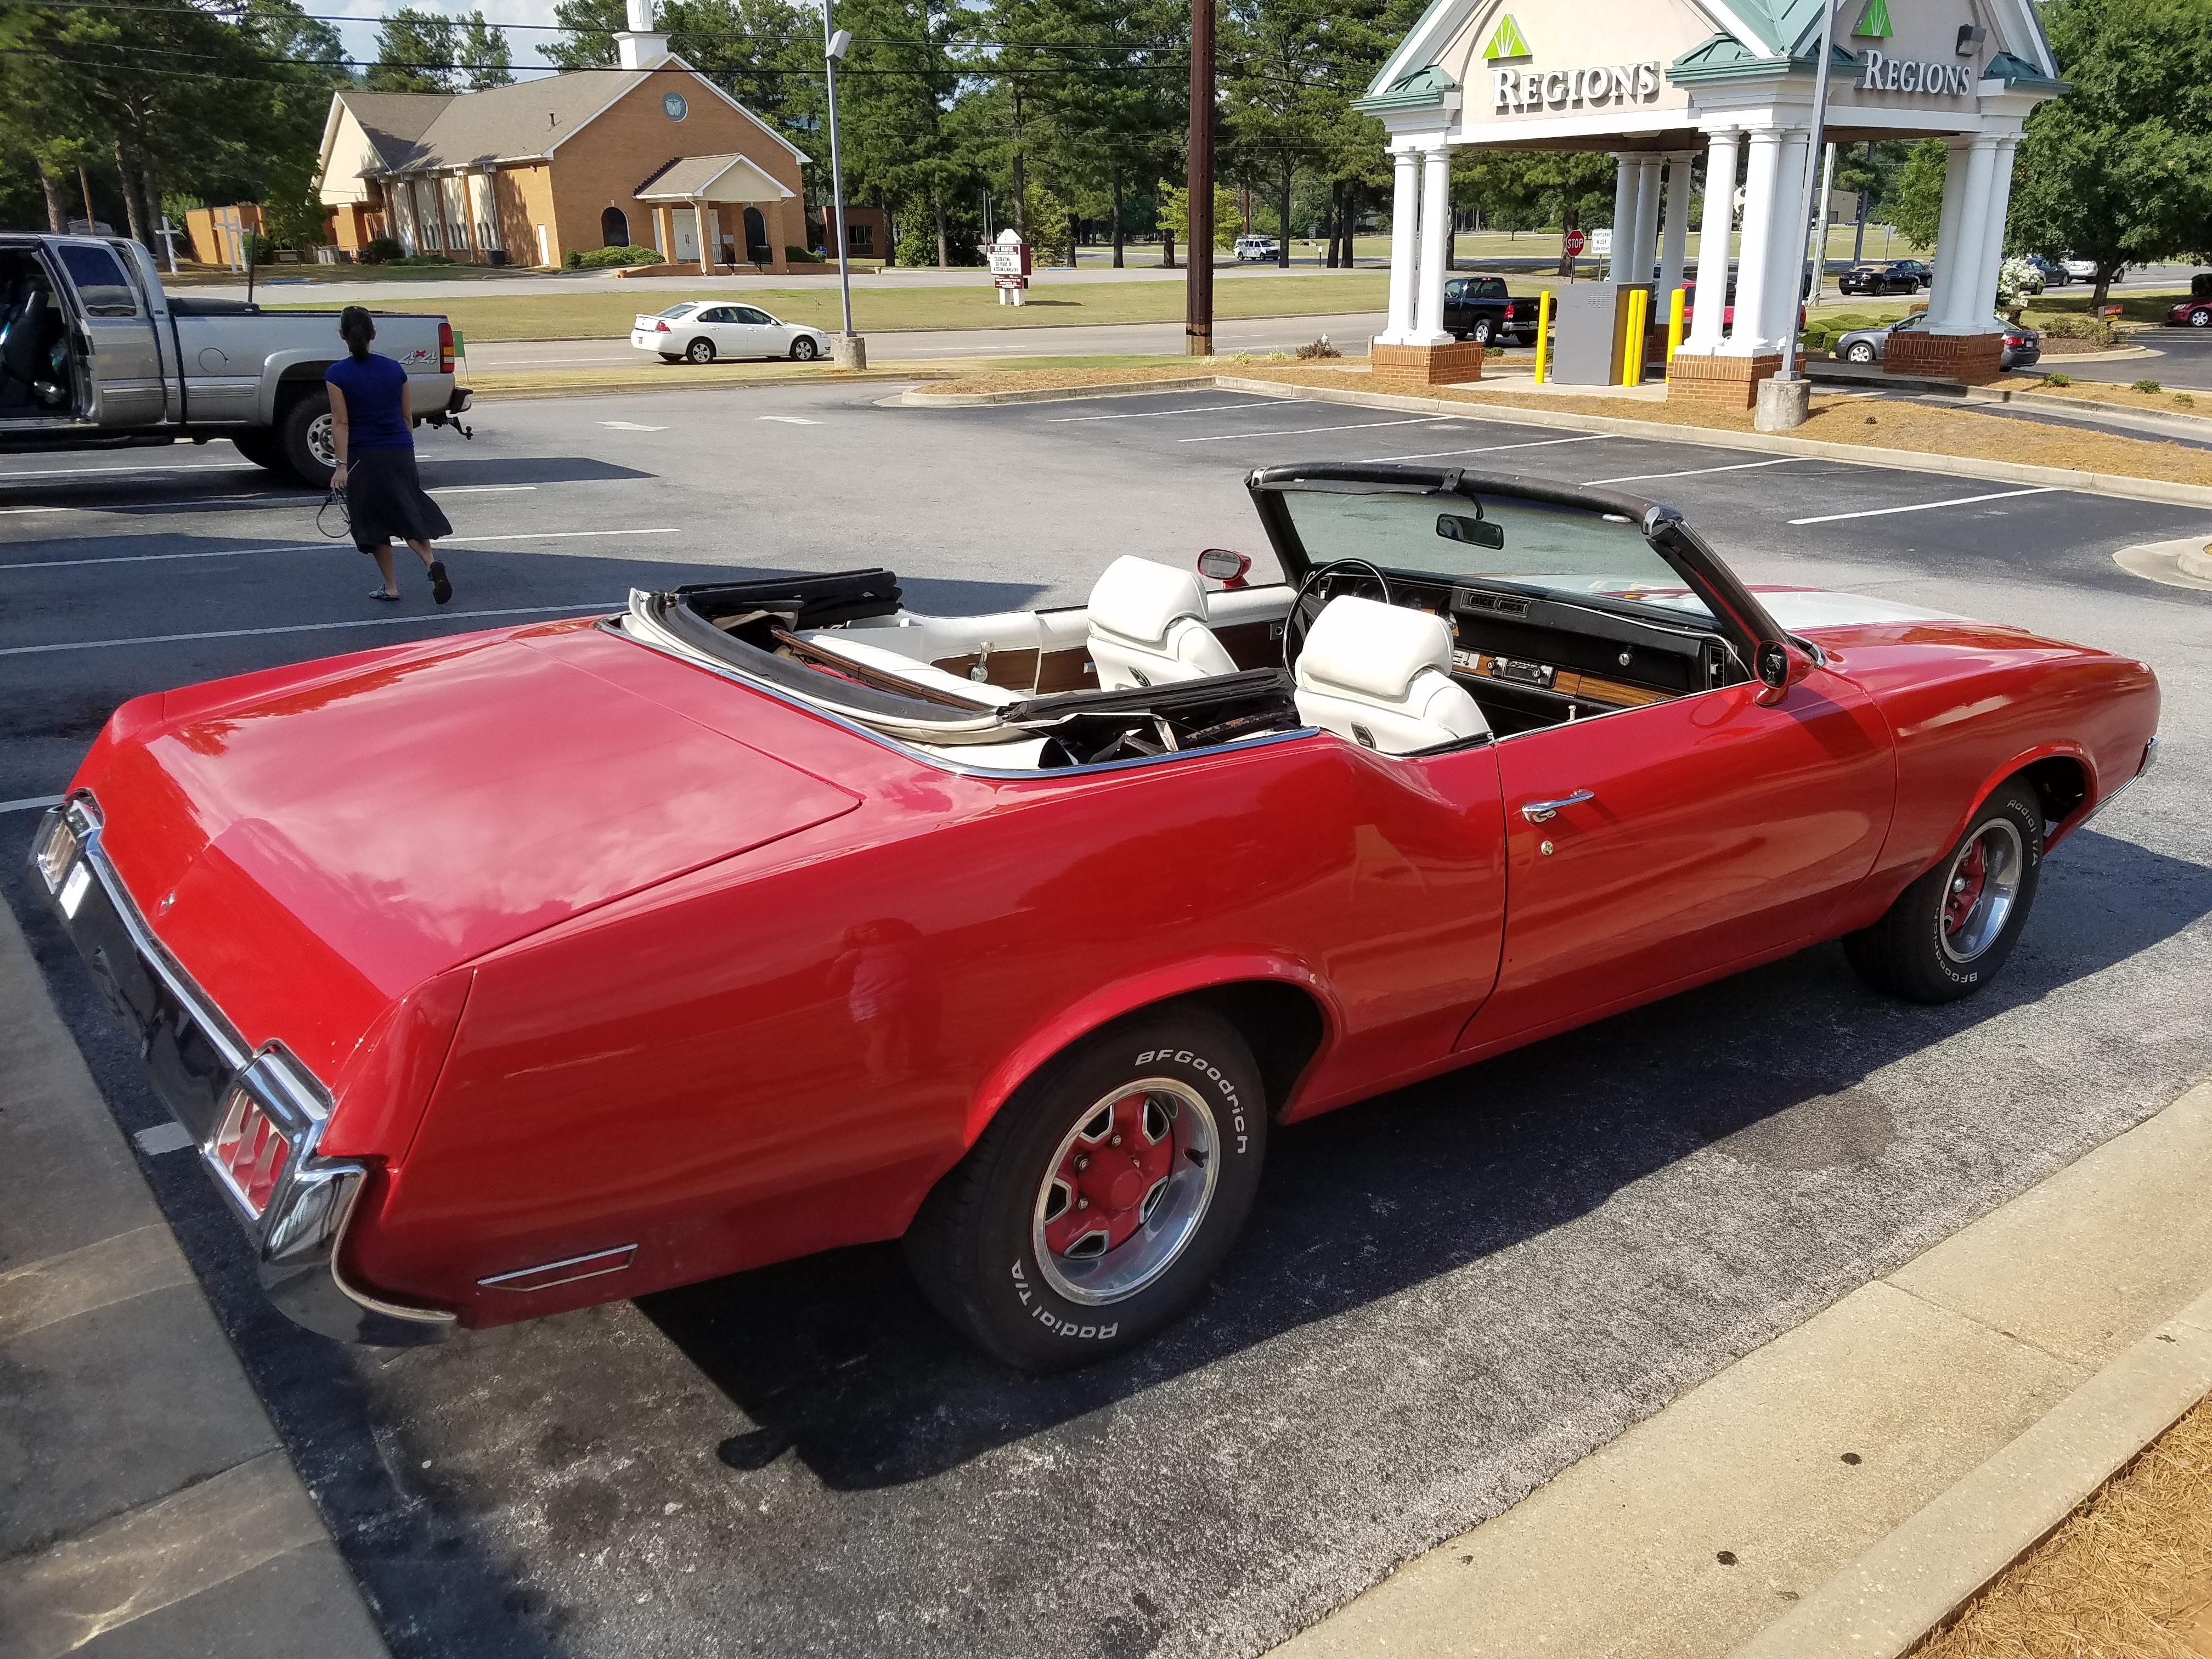 1972 Olds Cutlass Convertible First Drive